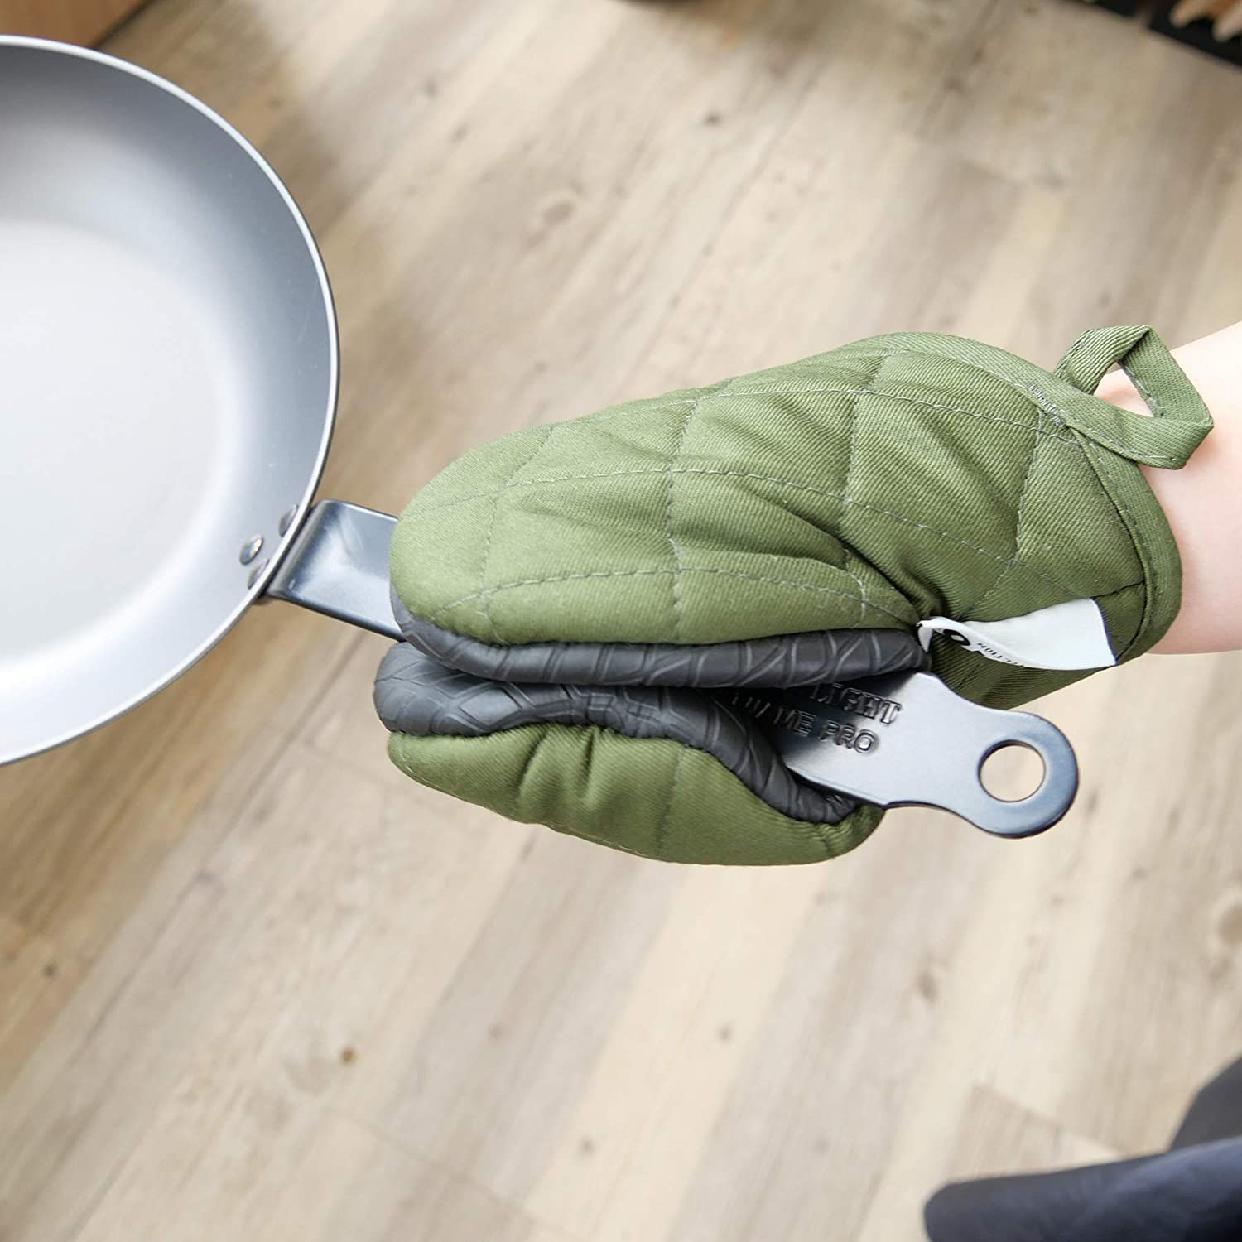 GLUTTON(グラットン)オーブン ミット A515-545DGYの商品画像5